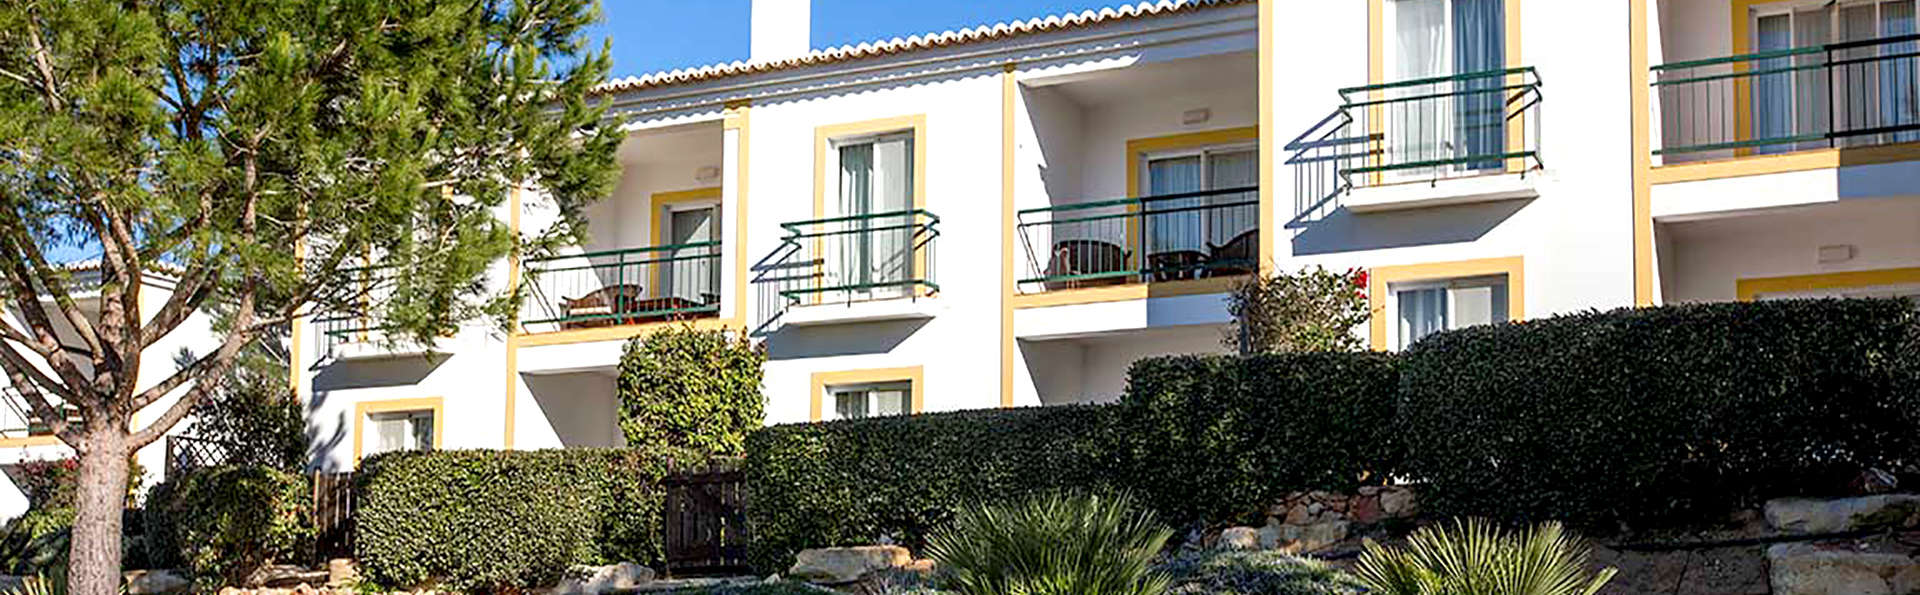 Mini-vacances en Algarve, demi-pension avec transfert à la plage de Carvoeiro (à partir de 3 nuits)